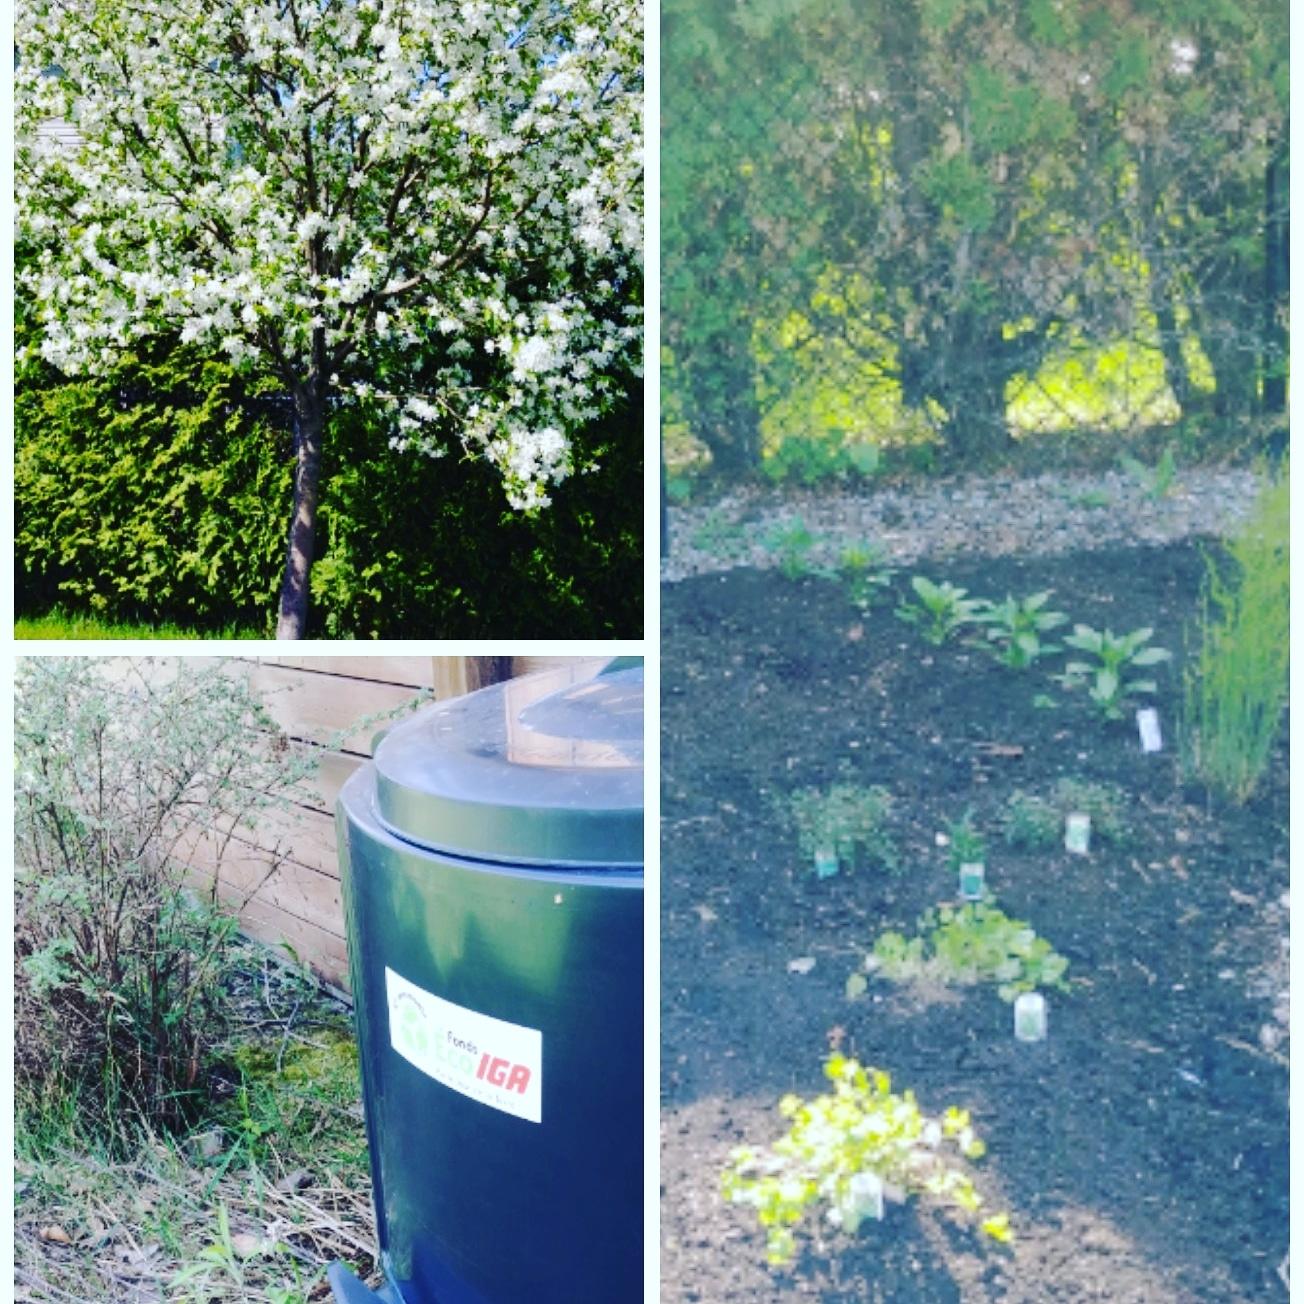 gestes écolo à poser cet été-jardin-compost-réutilisable-maillot lavable-couche de piscine réutilisable-couches lavables-écolo-famille-enfant-potager-écologie-Famille Écolo-Je suis une maman